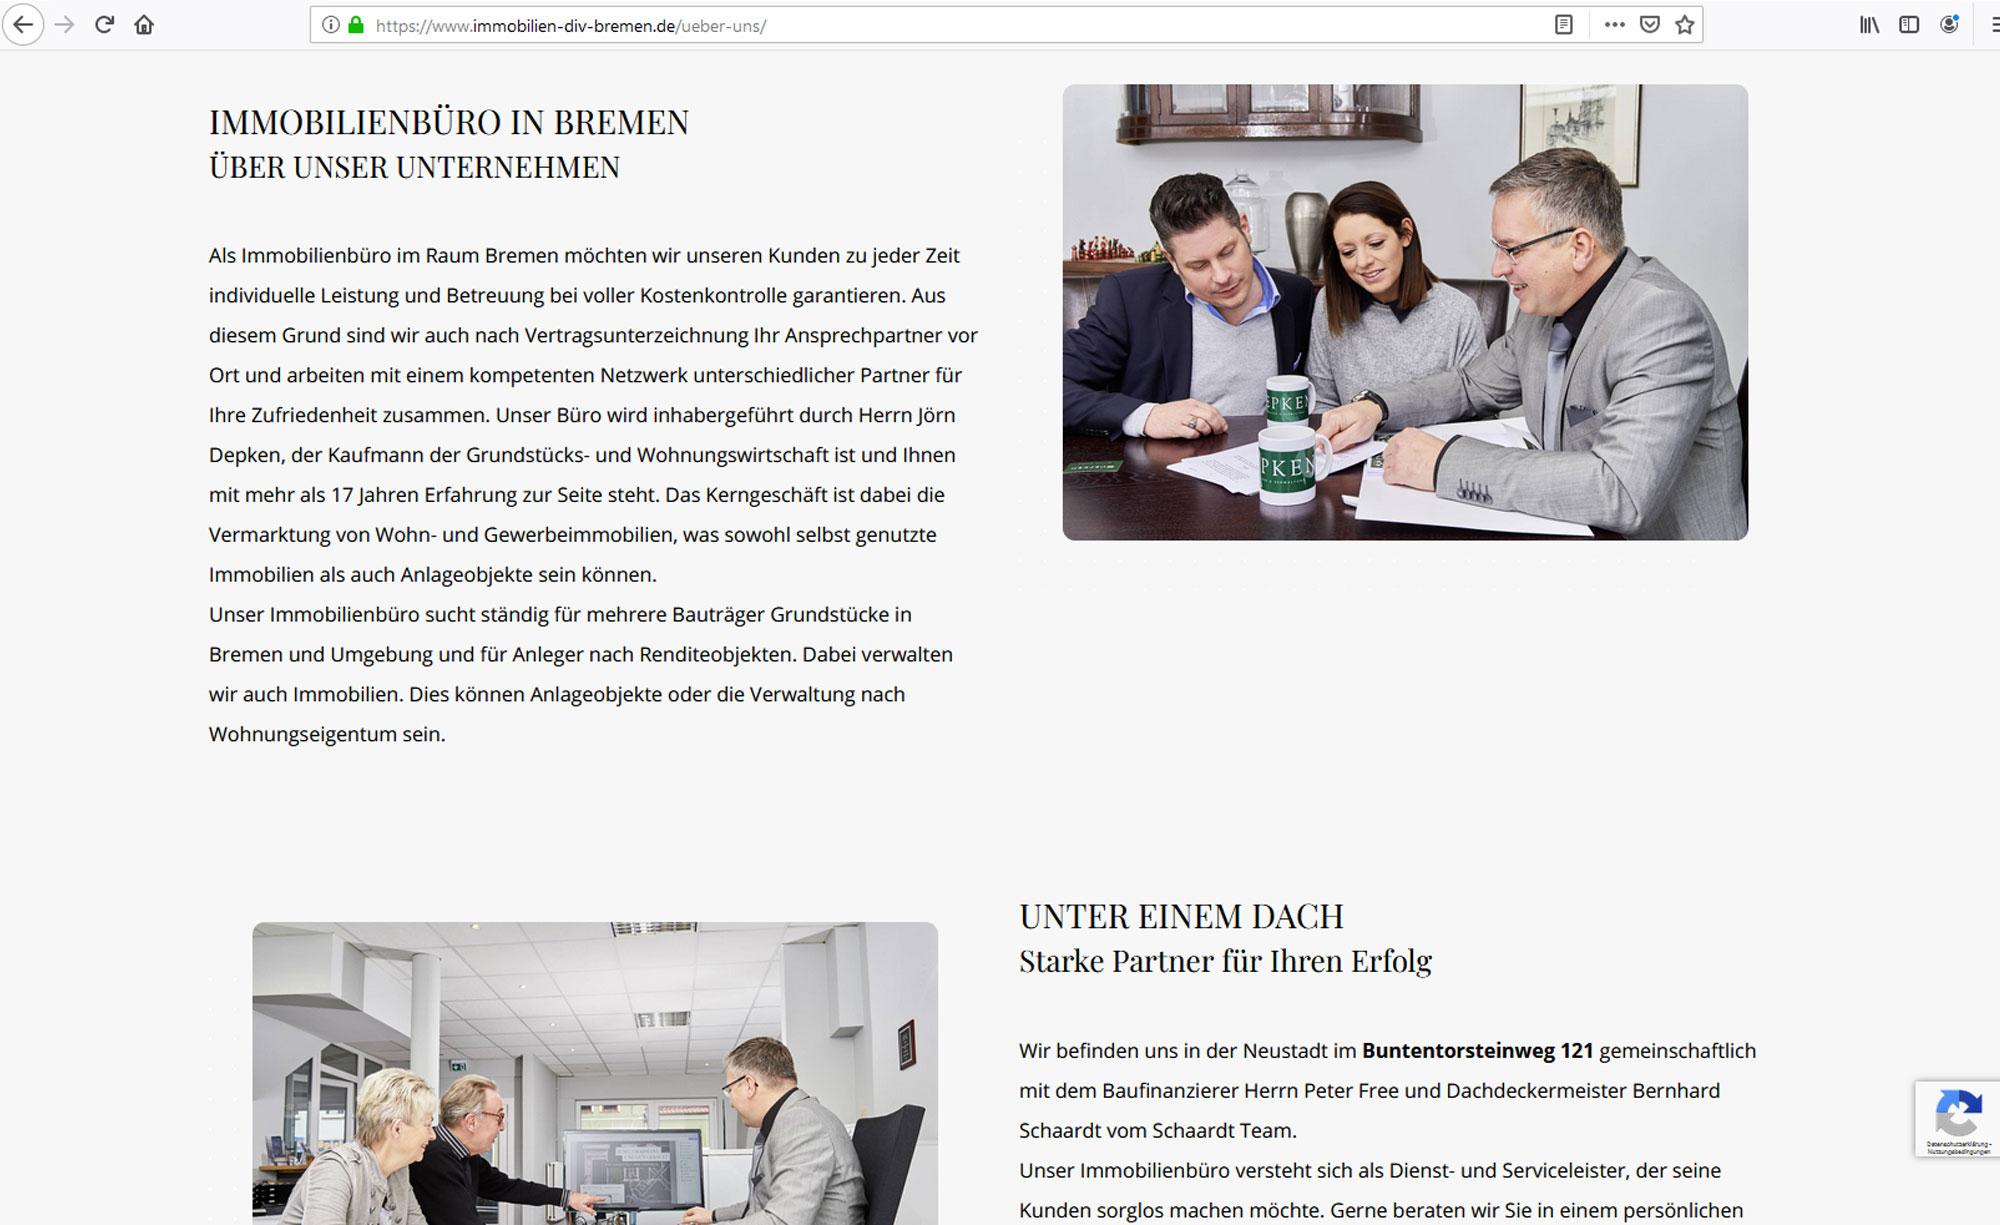 jung und billig werbeagentur depken 4 - Depken Immobilien & Verwaltung